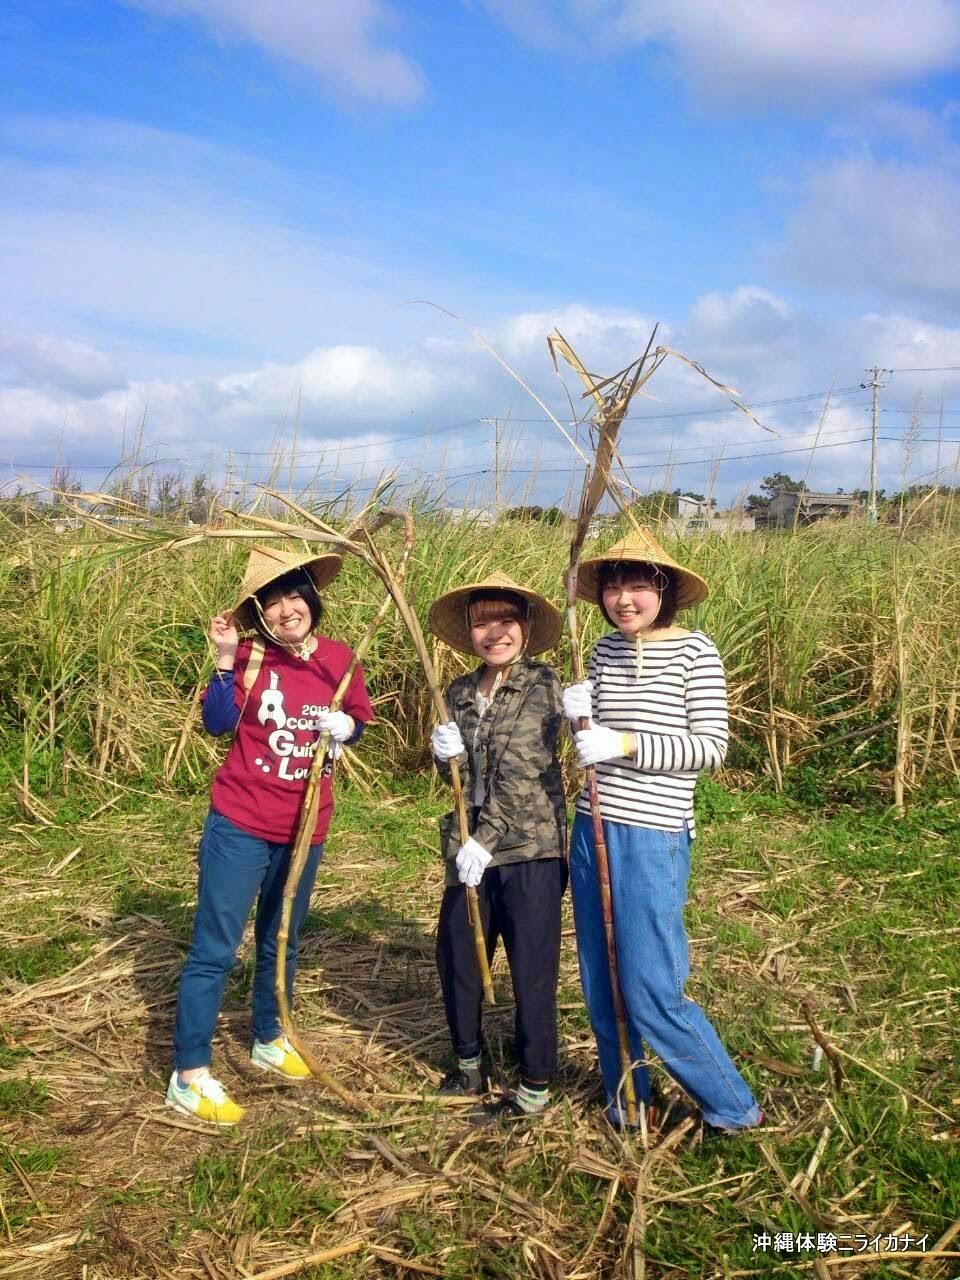 沖縄体験/観光卒業旅行でサトウキビ刈りから黒糖作り